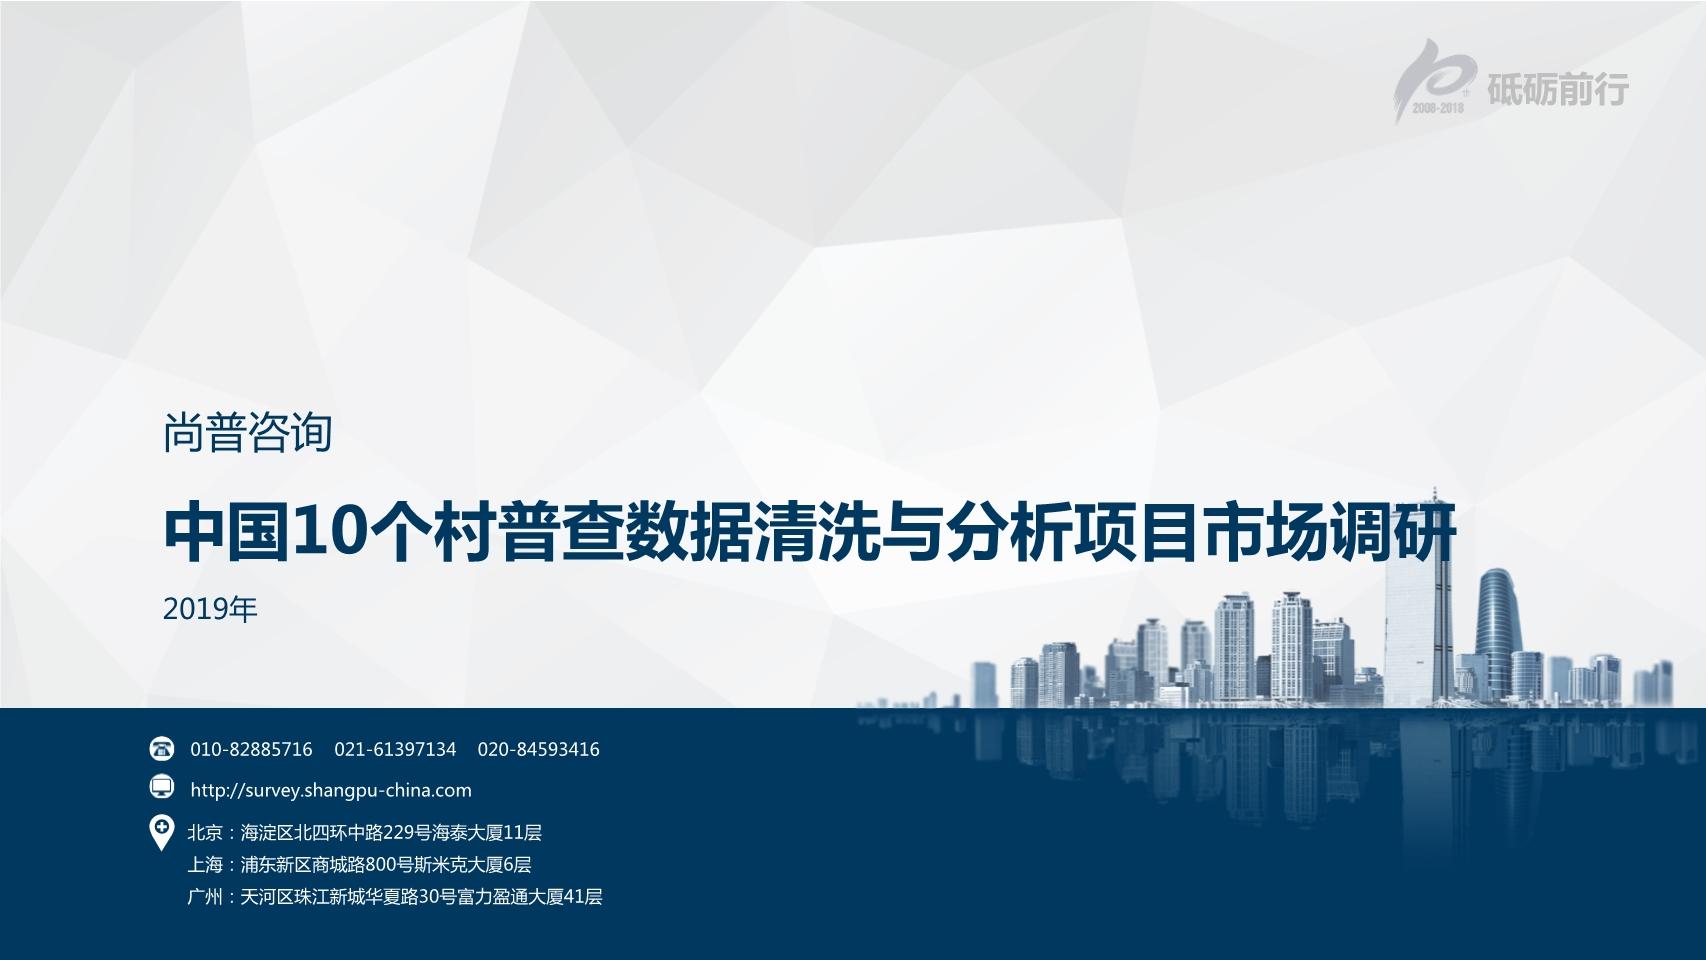 尚普咨询-中国10个村普查数据清洗与分析项目市场调研